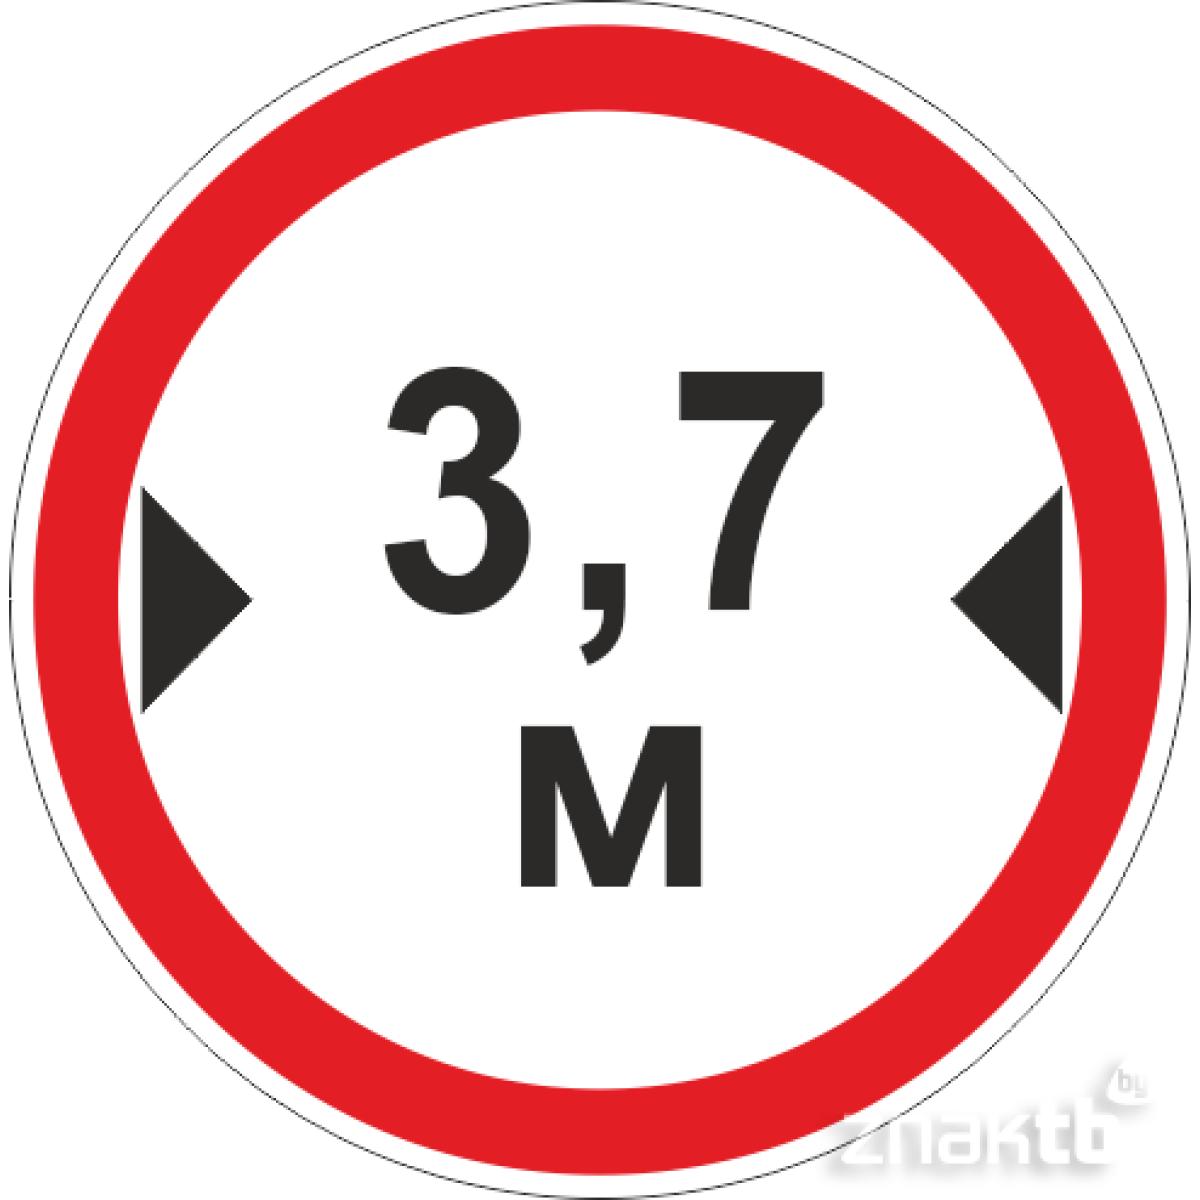 622 Ограничение ширины проезда 3.7м